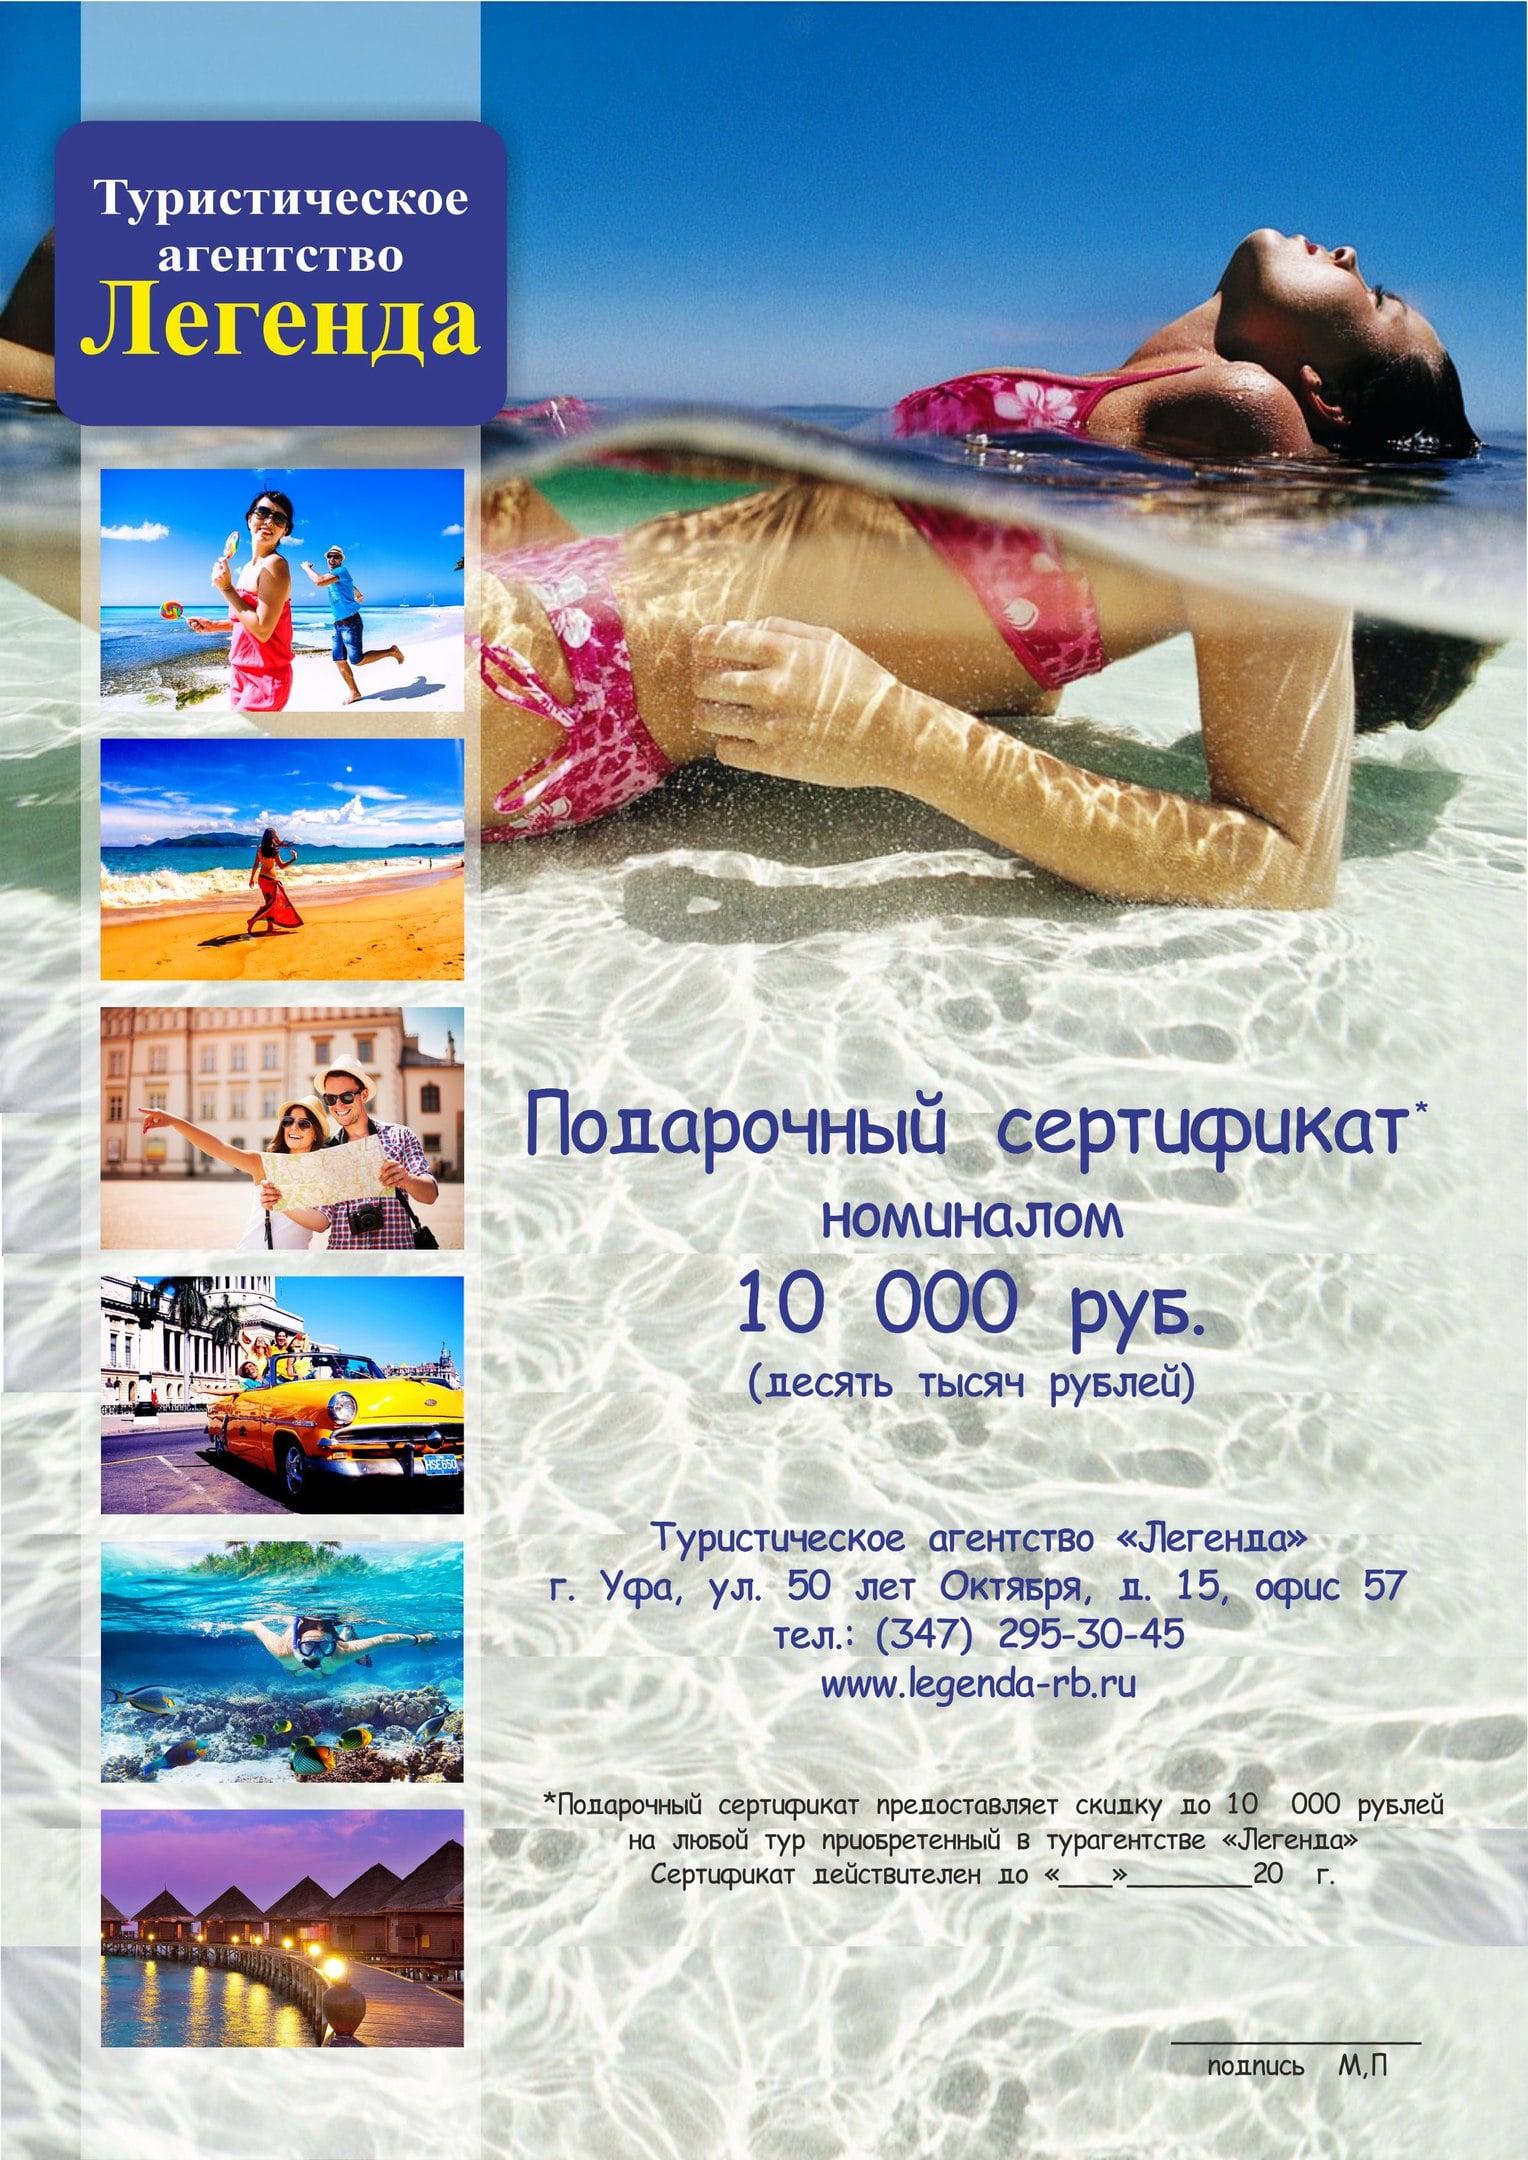 Сертификация туристических агентств имаго терапия, получение сертификата, омск